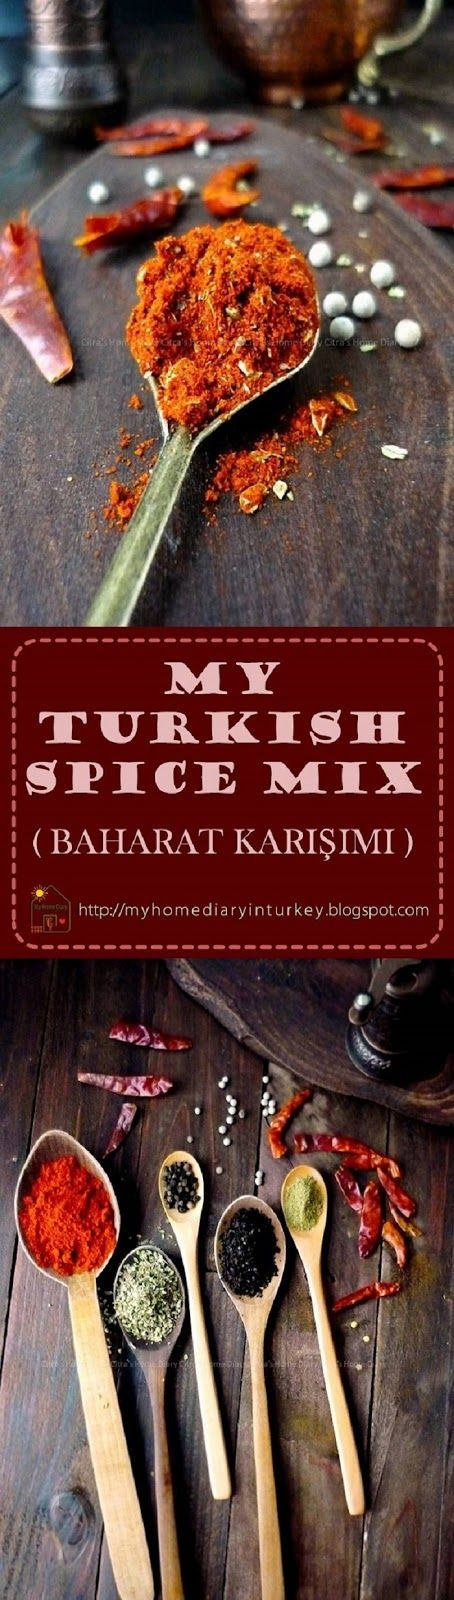 TURKİSH SPİCE MİX ( BAHARAT KARIŞIMI ) +